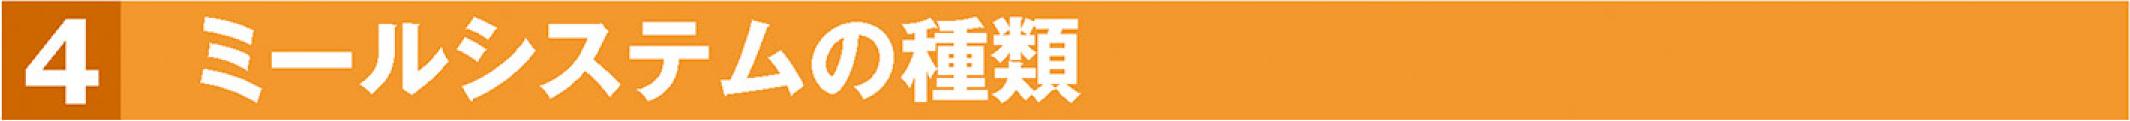 4.生協食堂定期券 ミールシステム